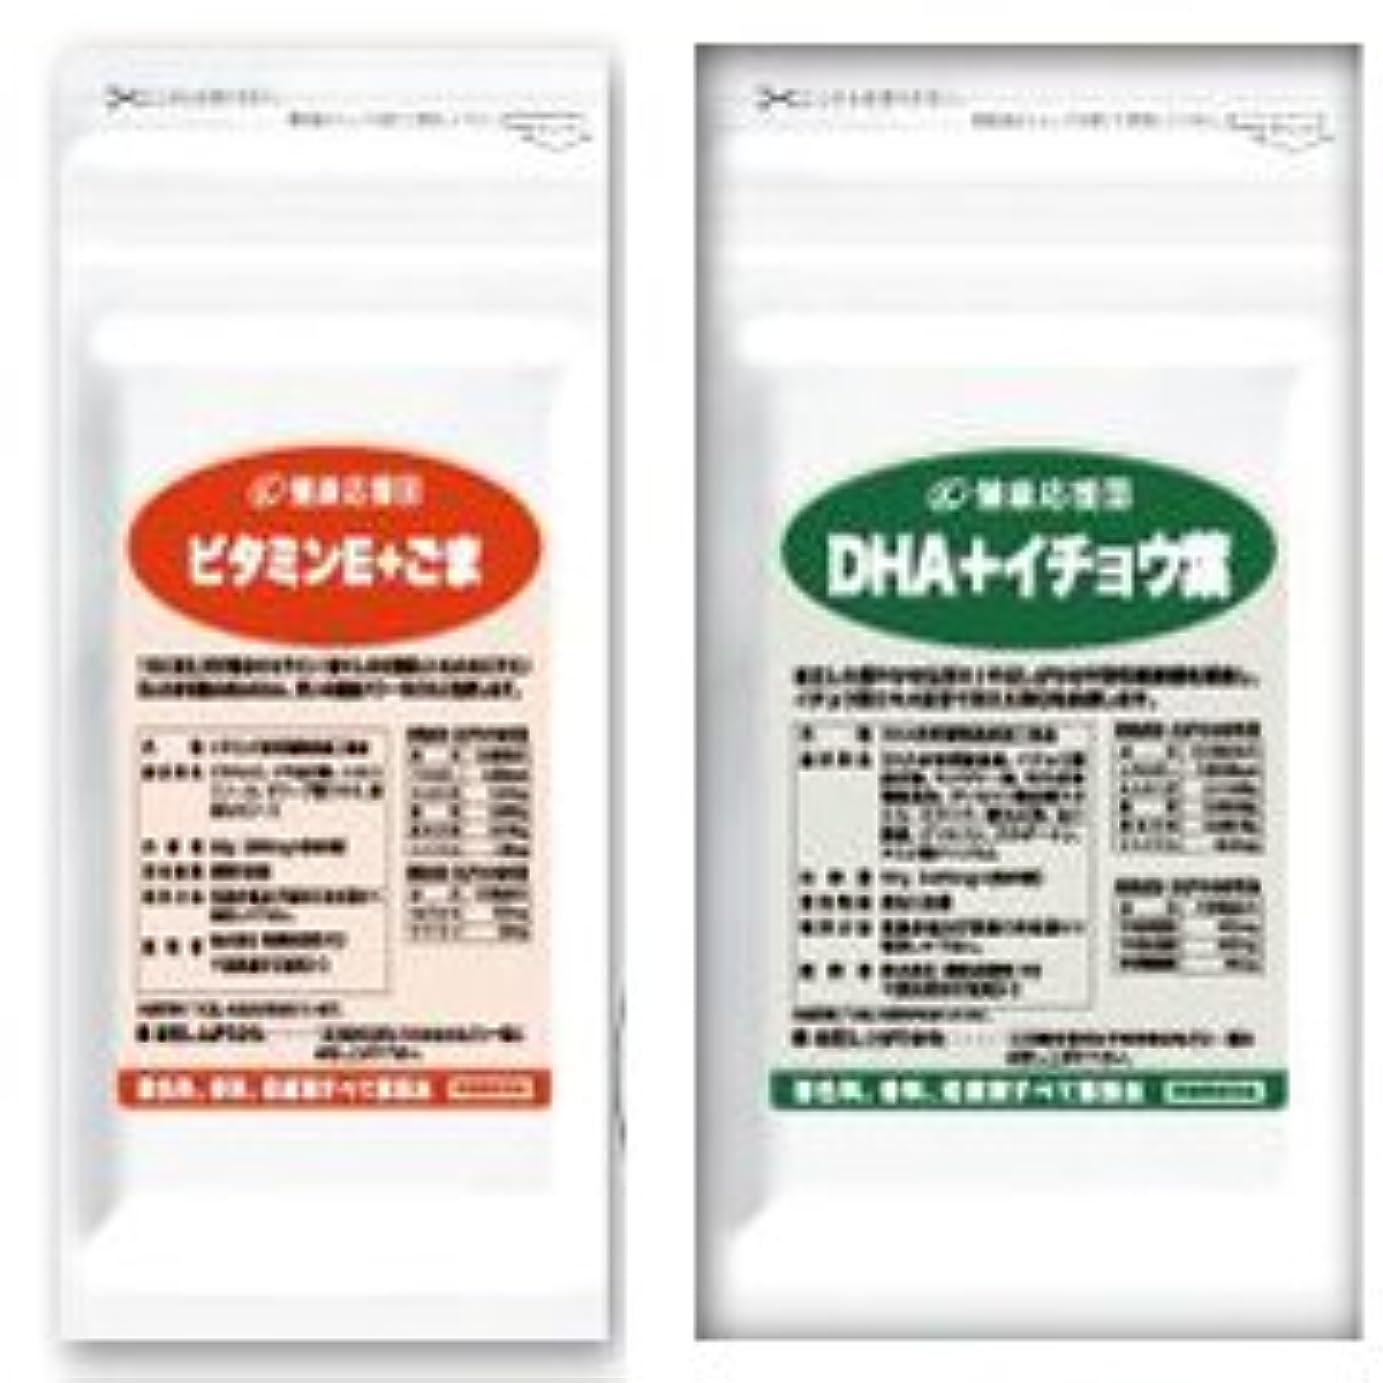 算術スタッフ通信網(お徳用12か月分) 毎日元気セット(ビタミンE+ごま)+(DHA+イチョウ葉エキス) 12袋&12袋セット(DHA?EPA?ビタミンE?セサミン)